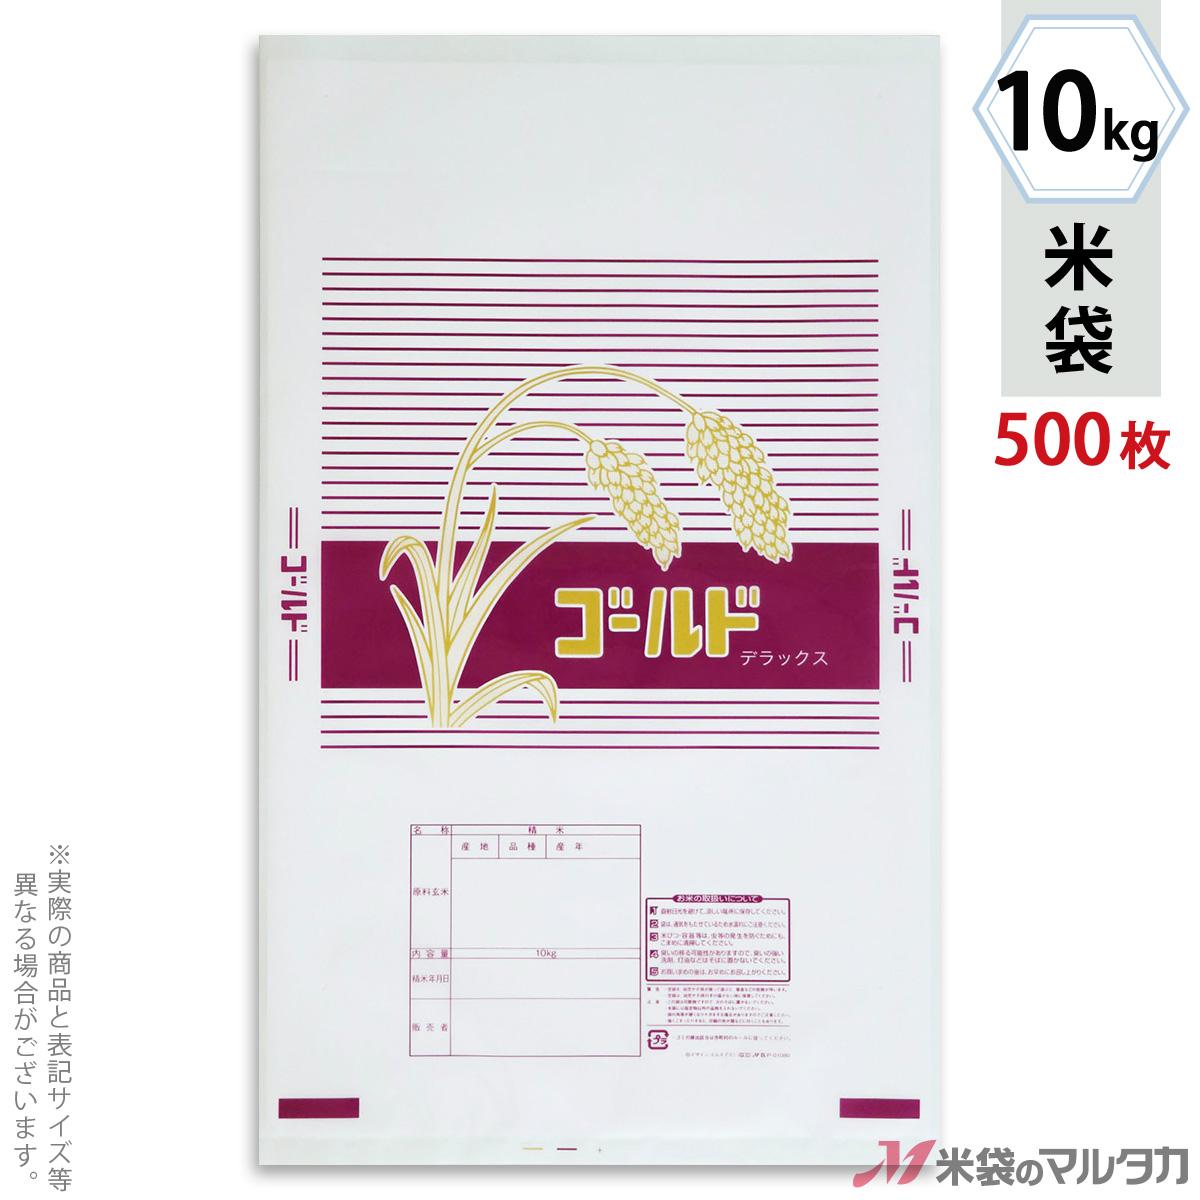 米袋 ポリ乳白 ゴールド 10kg 1ケース(500枚入) P-01080